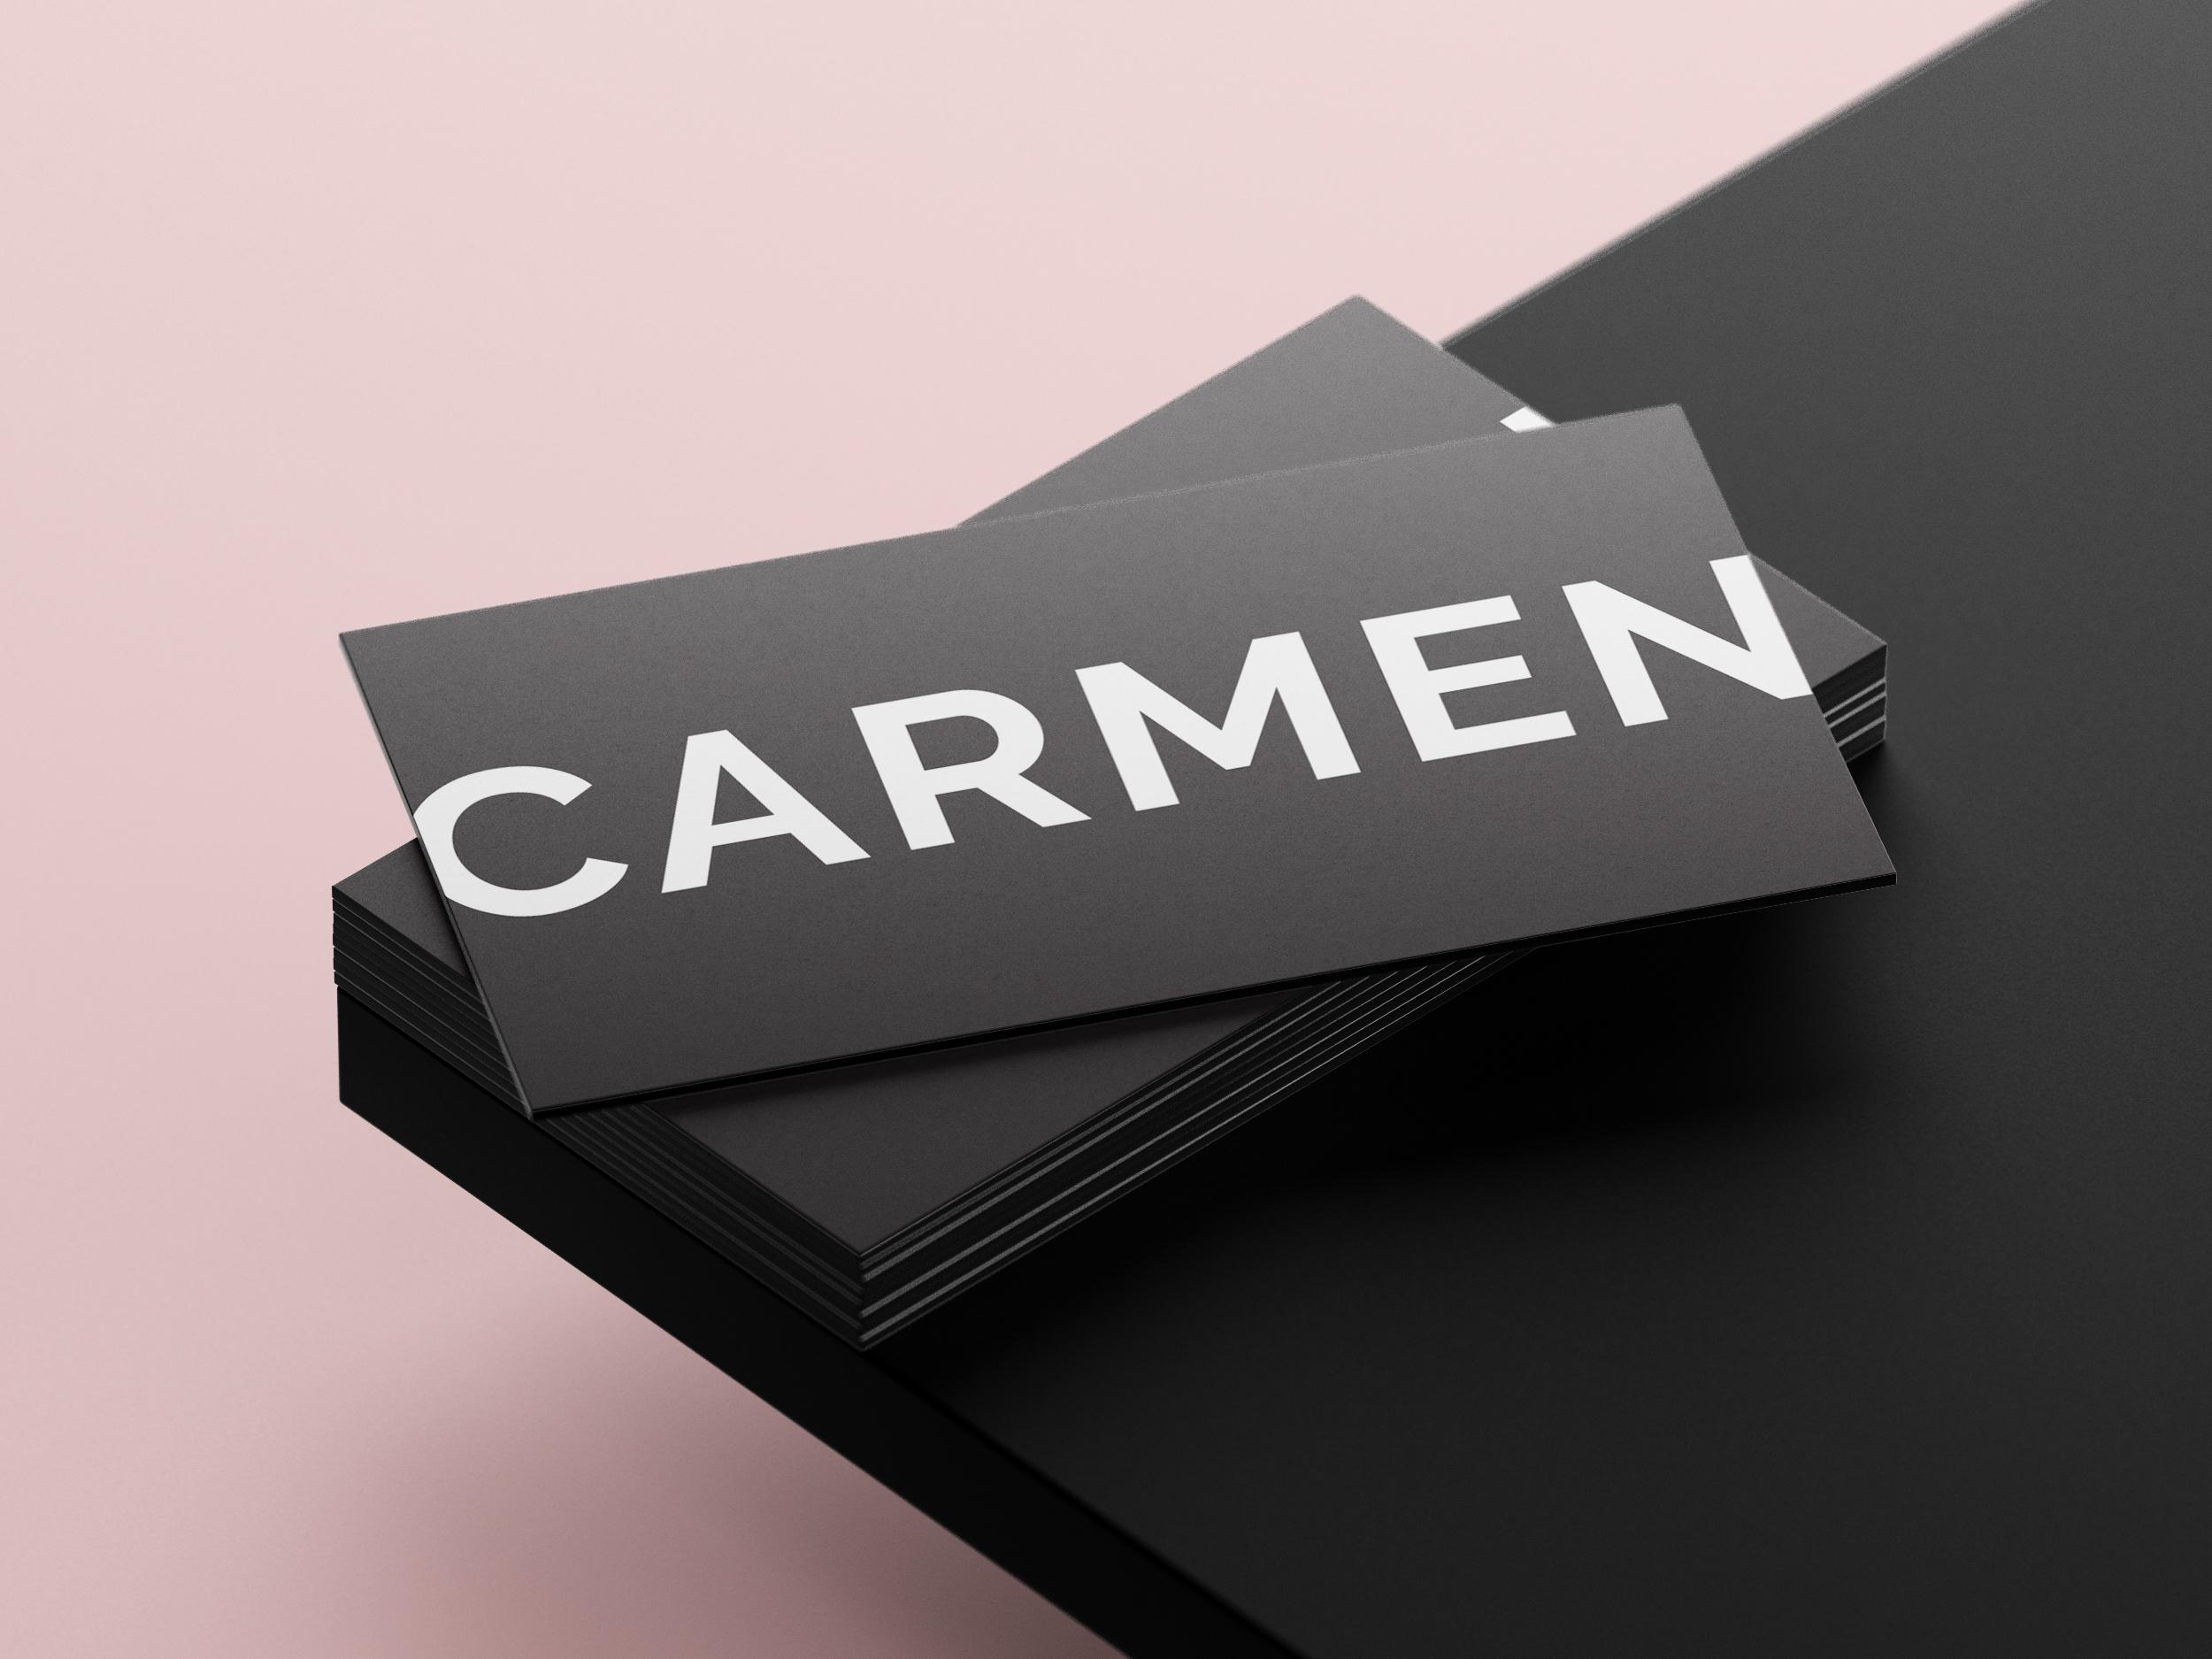 2019-06-03-Carmen-carte-2.jpg